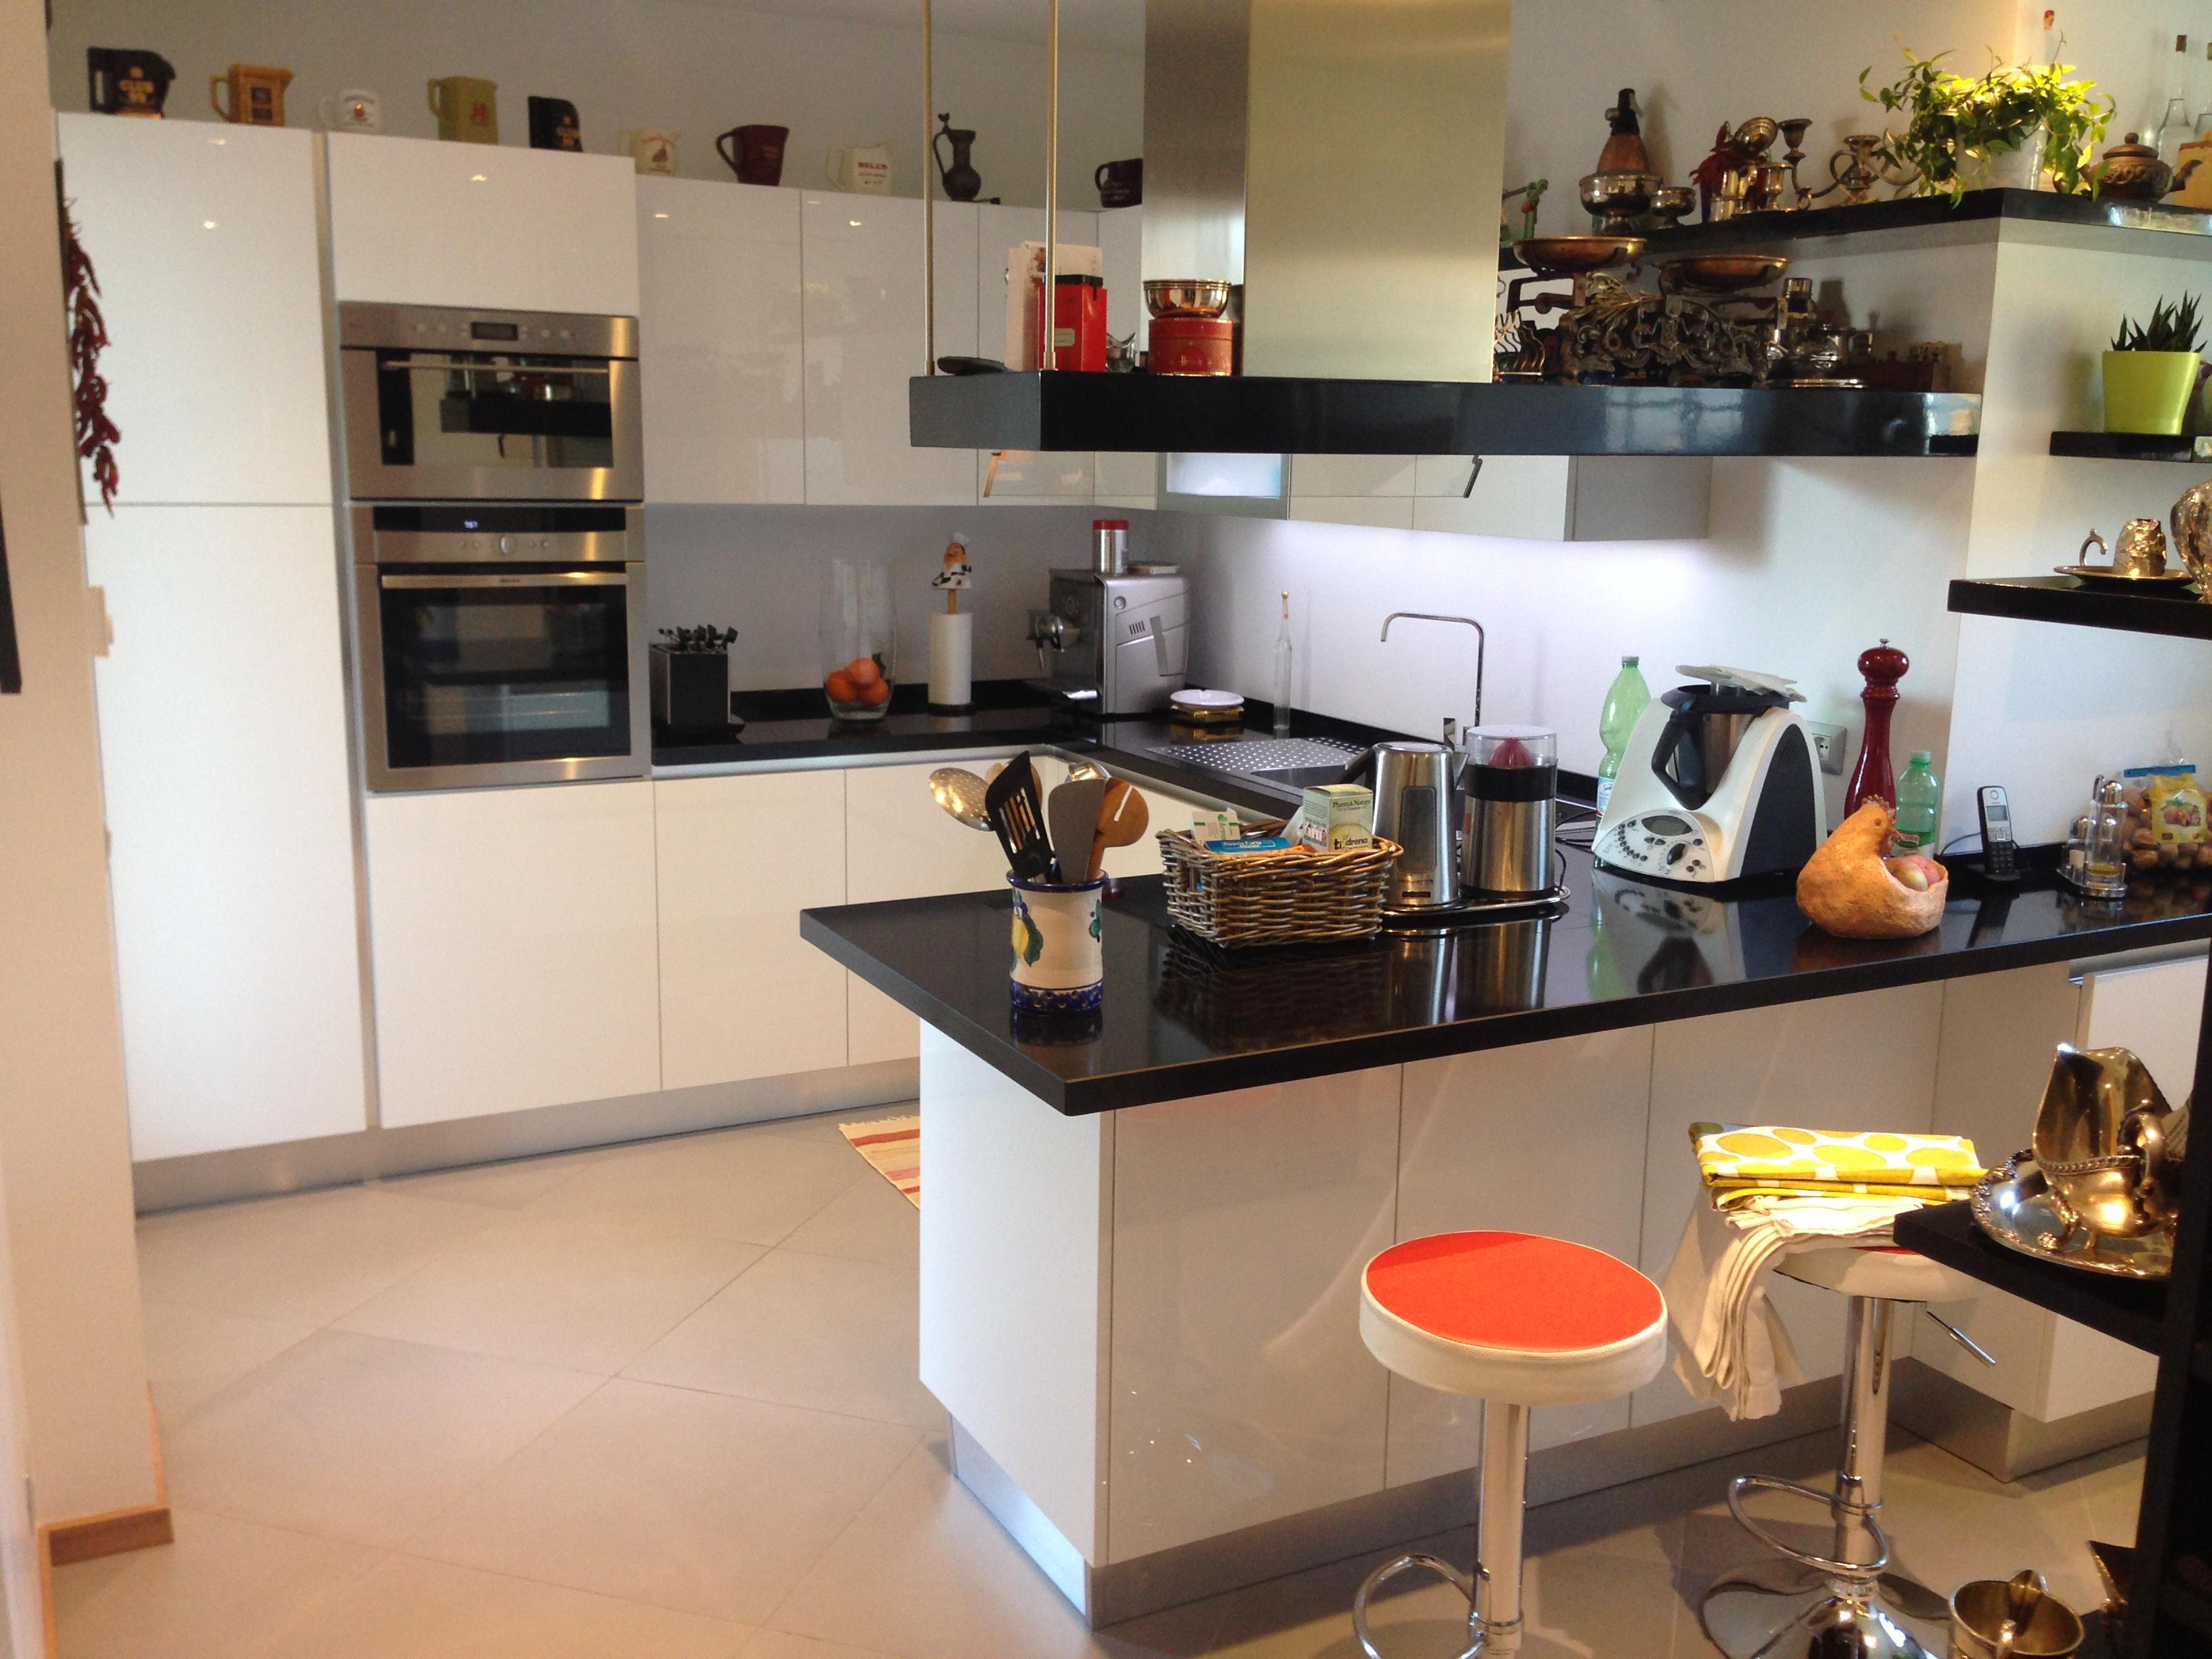 Le cucine pi belle cucine lube roma dfg arredamenti - Cucine piu belle ...